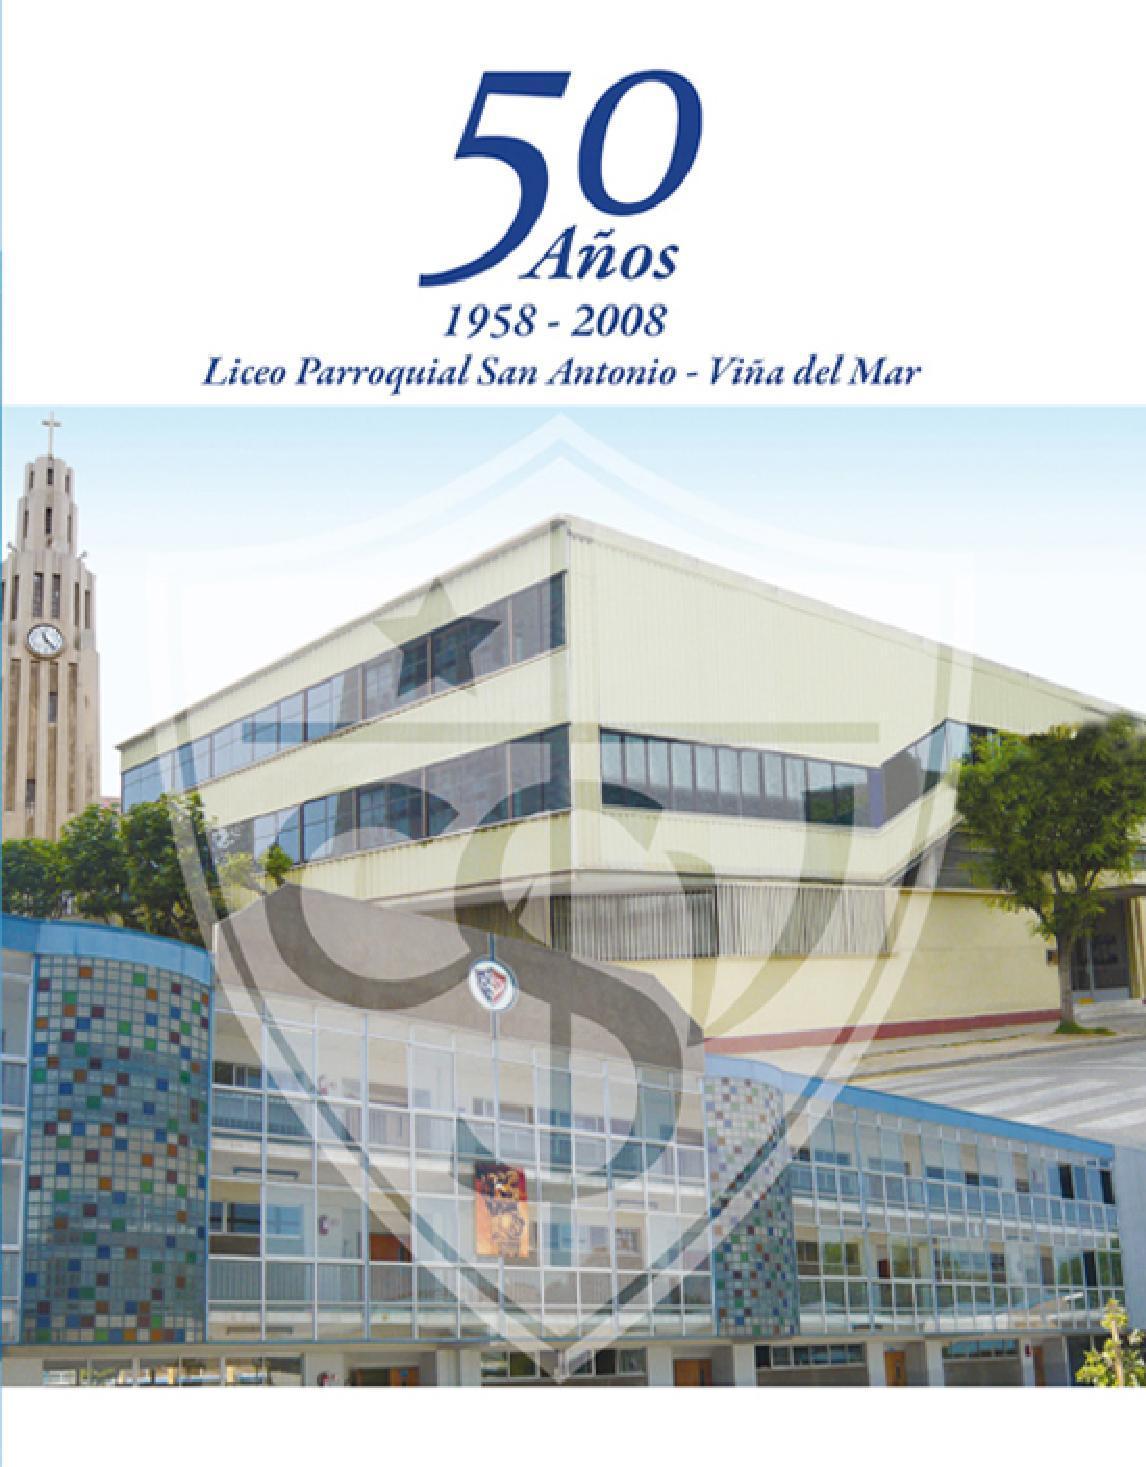 revista liceo san antonio by joselo borquez - issuu